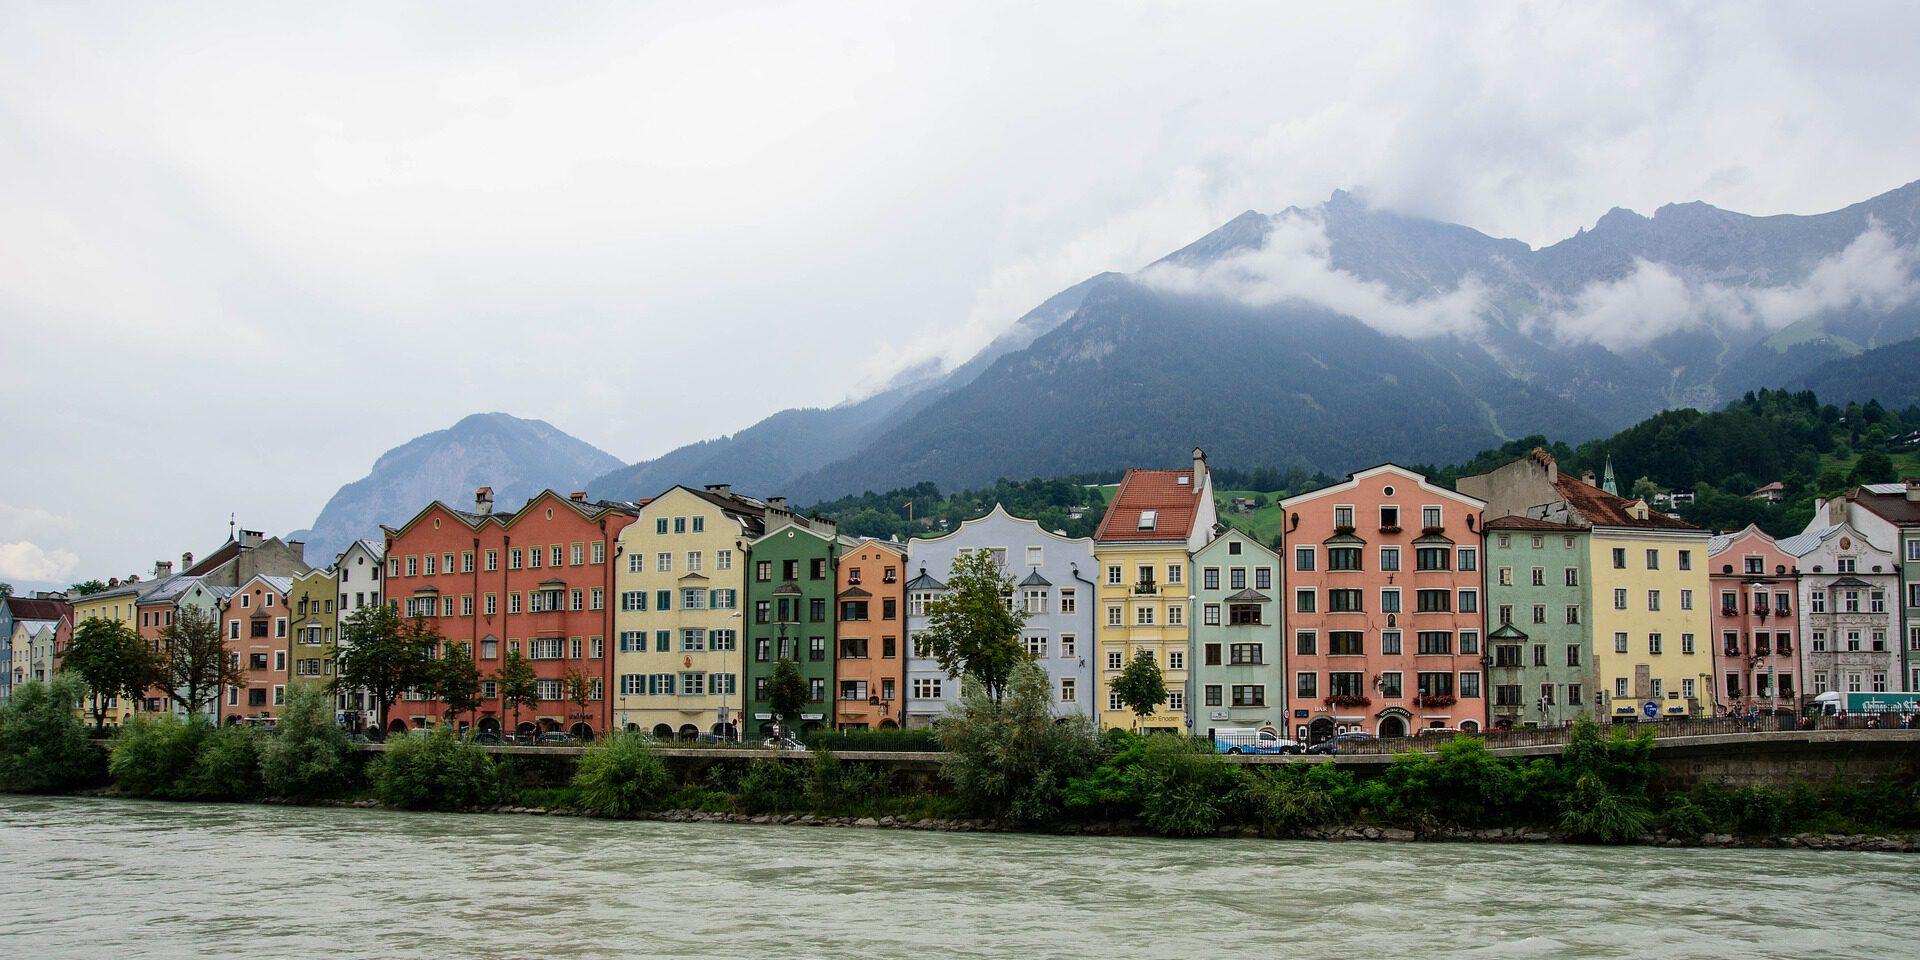 Gekleurde huizen aan rivier met bergen op achtergrond